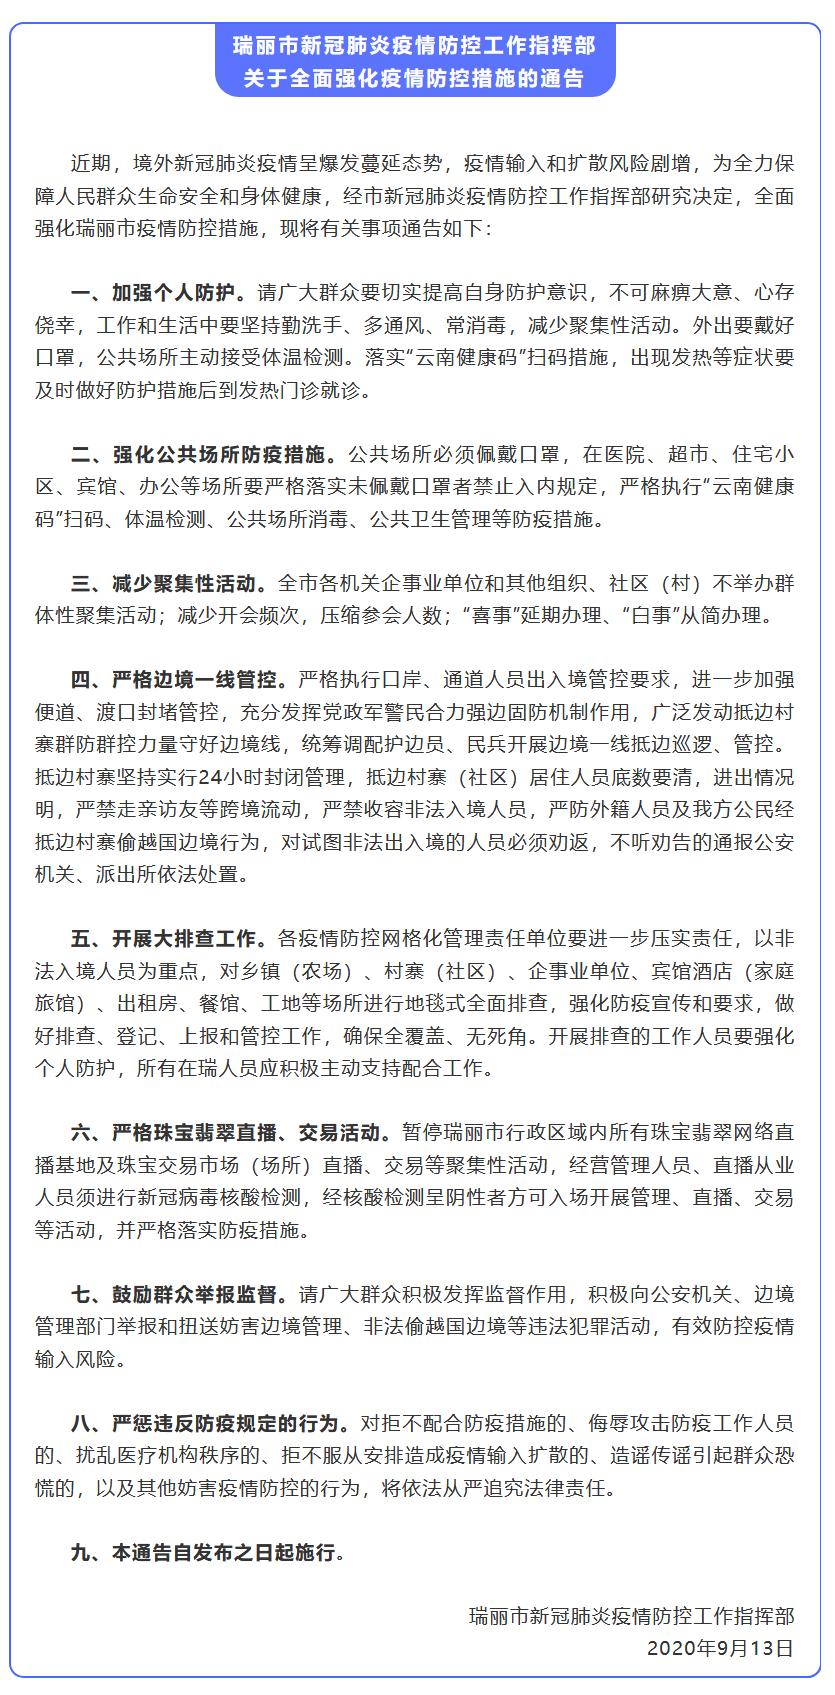 """新增境外输入""""2+1"""",云南瑞丽强化疫情防控:抵边村寨24小时封闭管理,暂停珠宝翡翠直播、交易活动"""